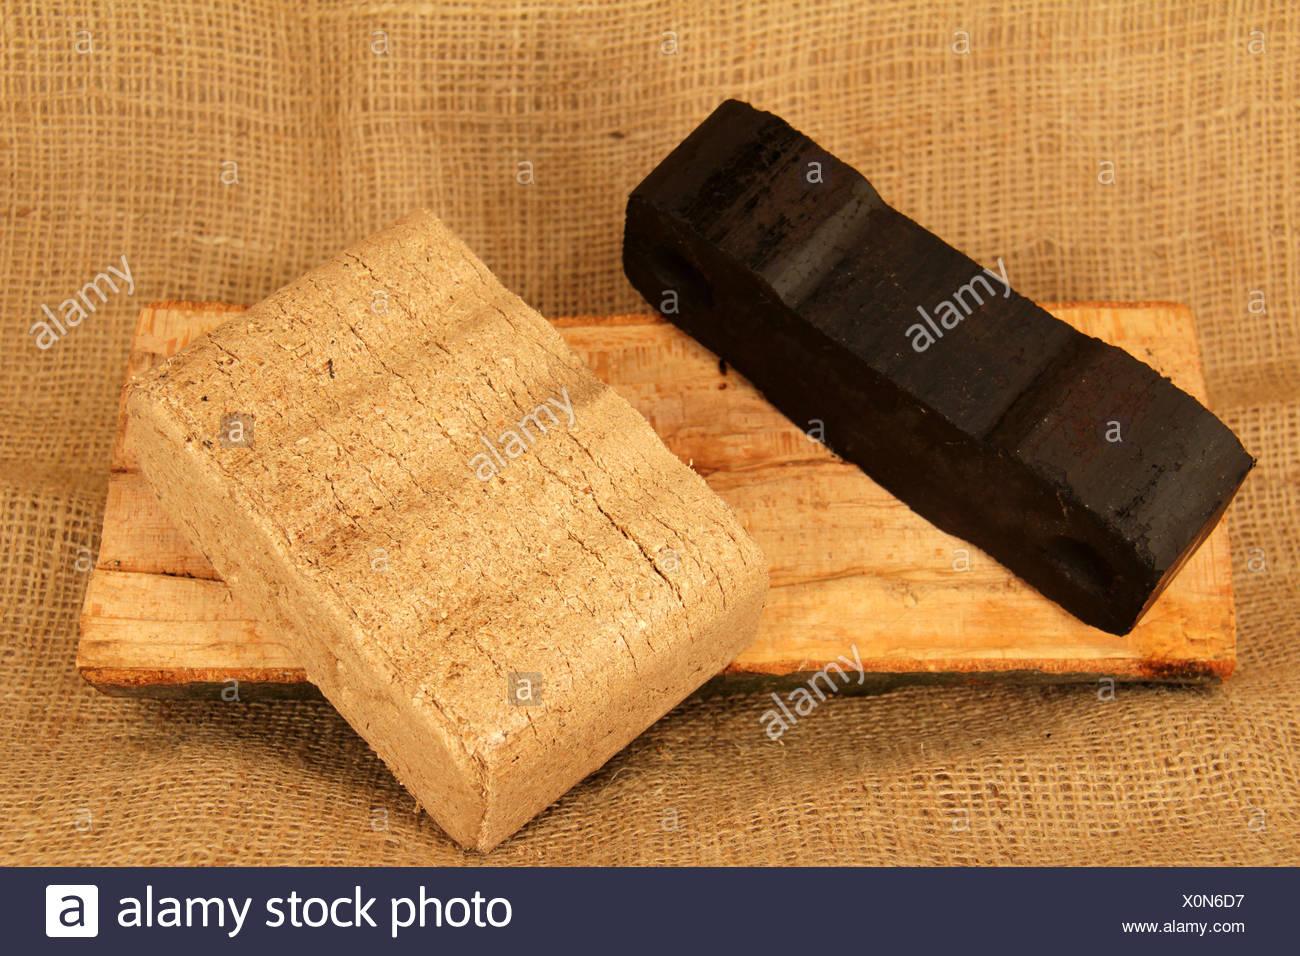 fuel,briquette,coal briquette,wood briquette - Stock Image